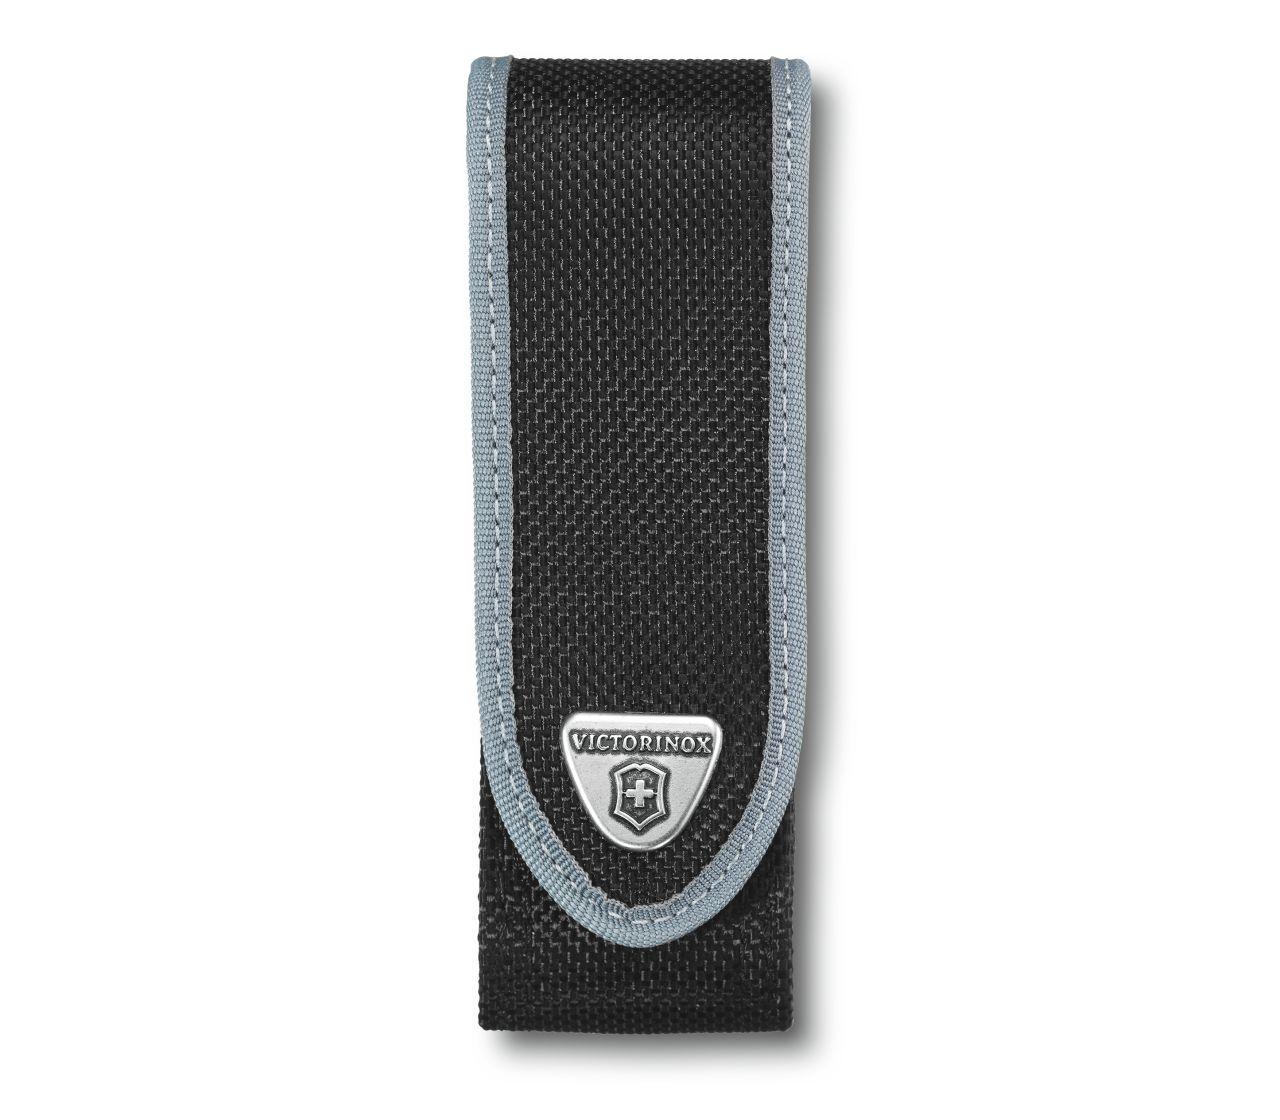 Нейлоновый чехол Victorinox для мультитулов и ножей 111 мм. (4.0823.N) | Wenger-Victorinox.Ru